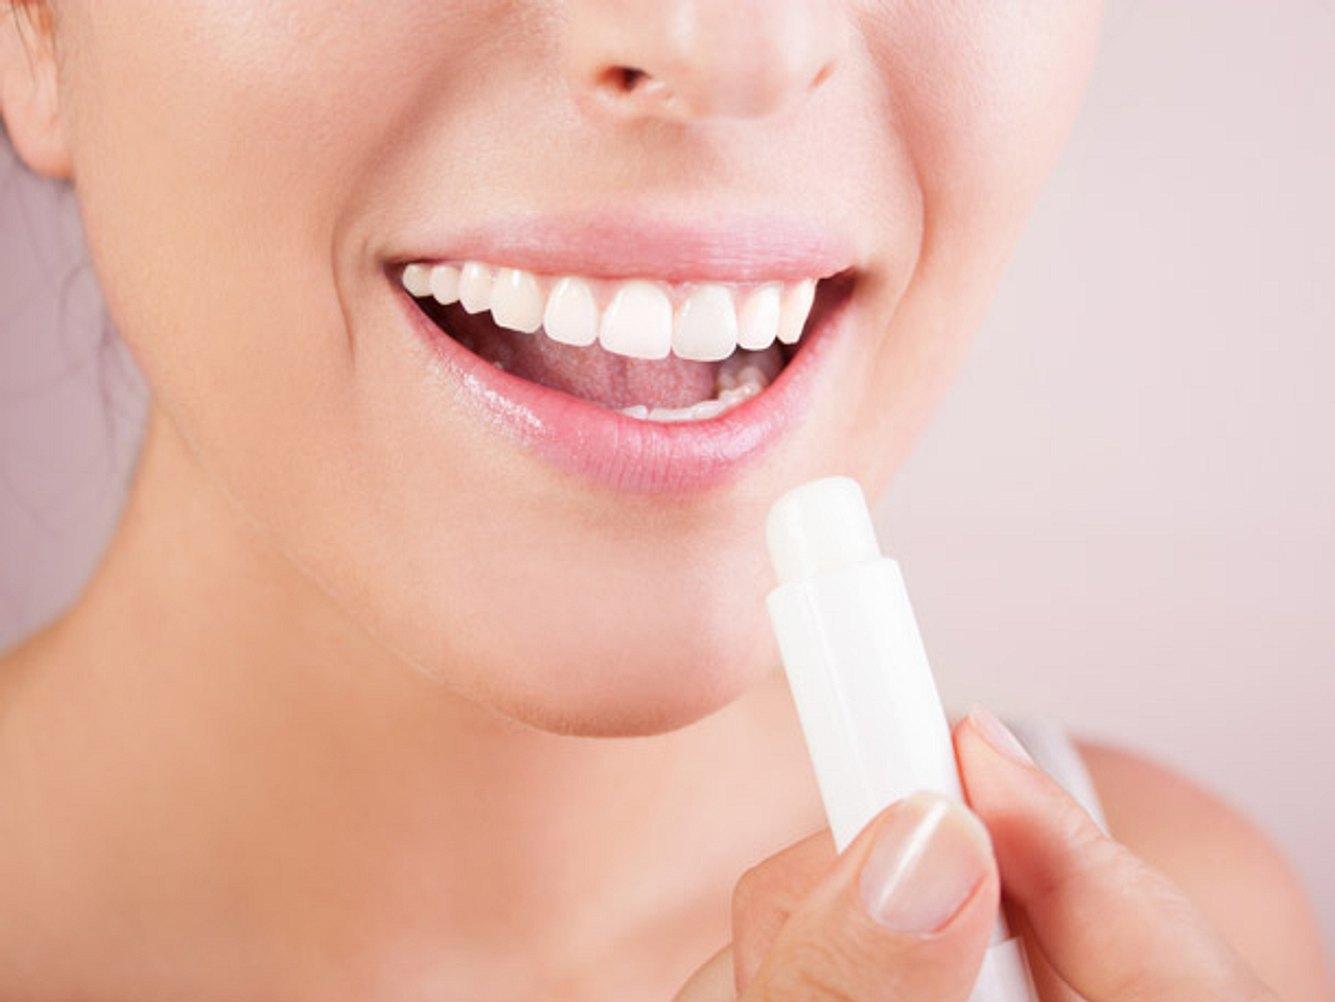 Das sind die besten Tipps gegen trockene Lippen.